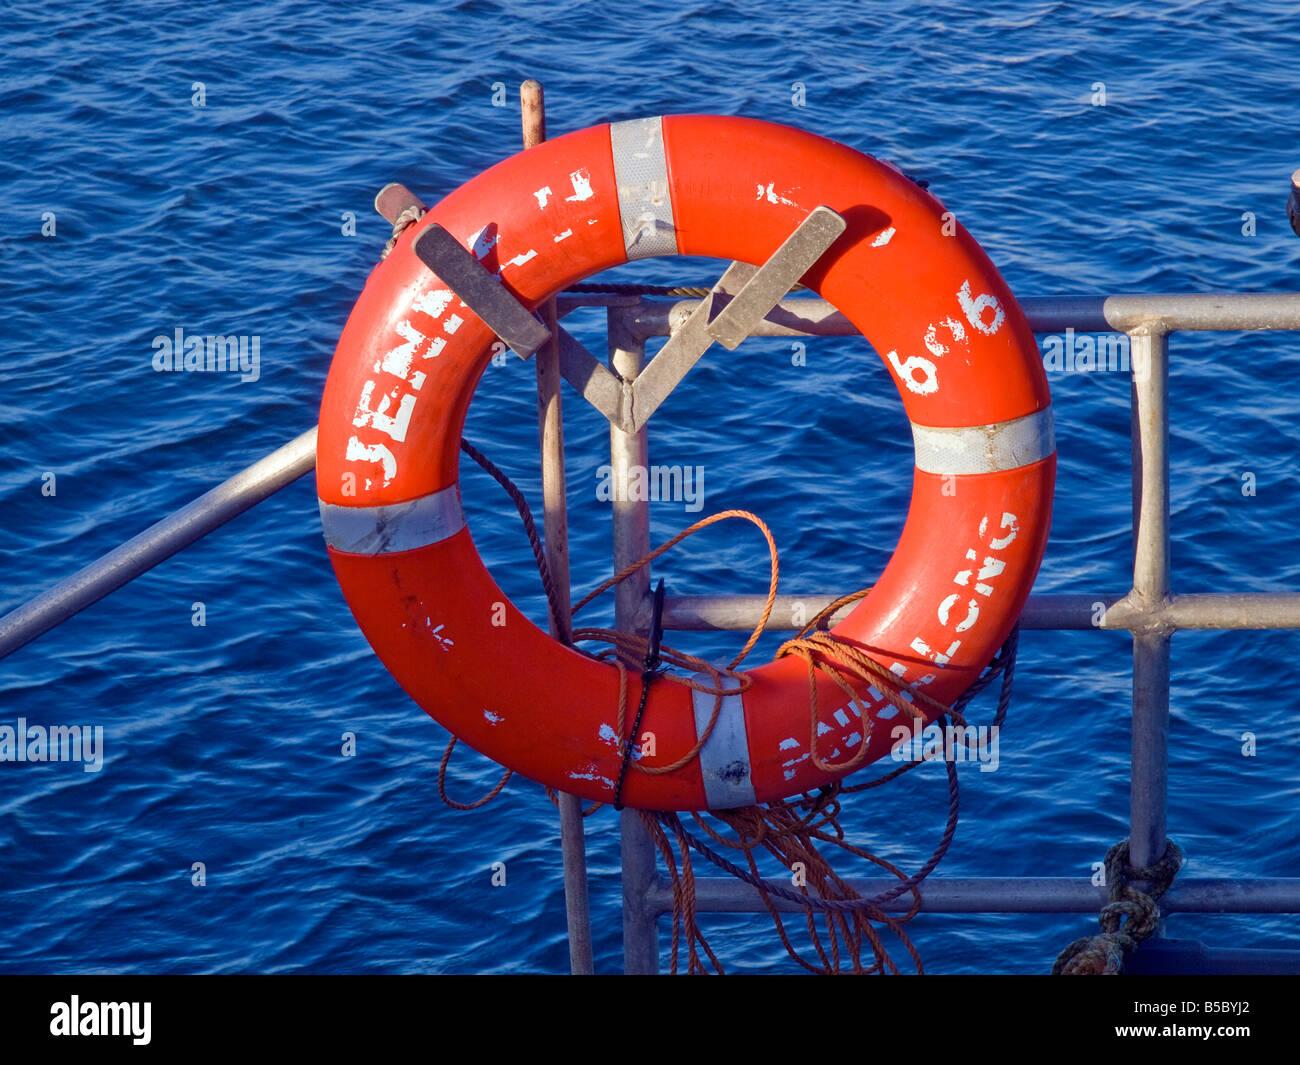 Life belt on railing - Stock Image